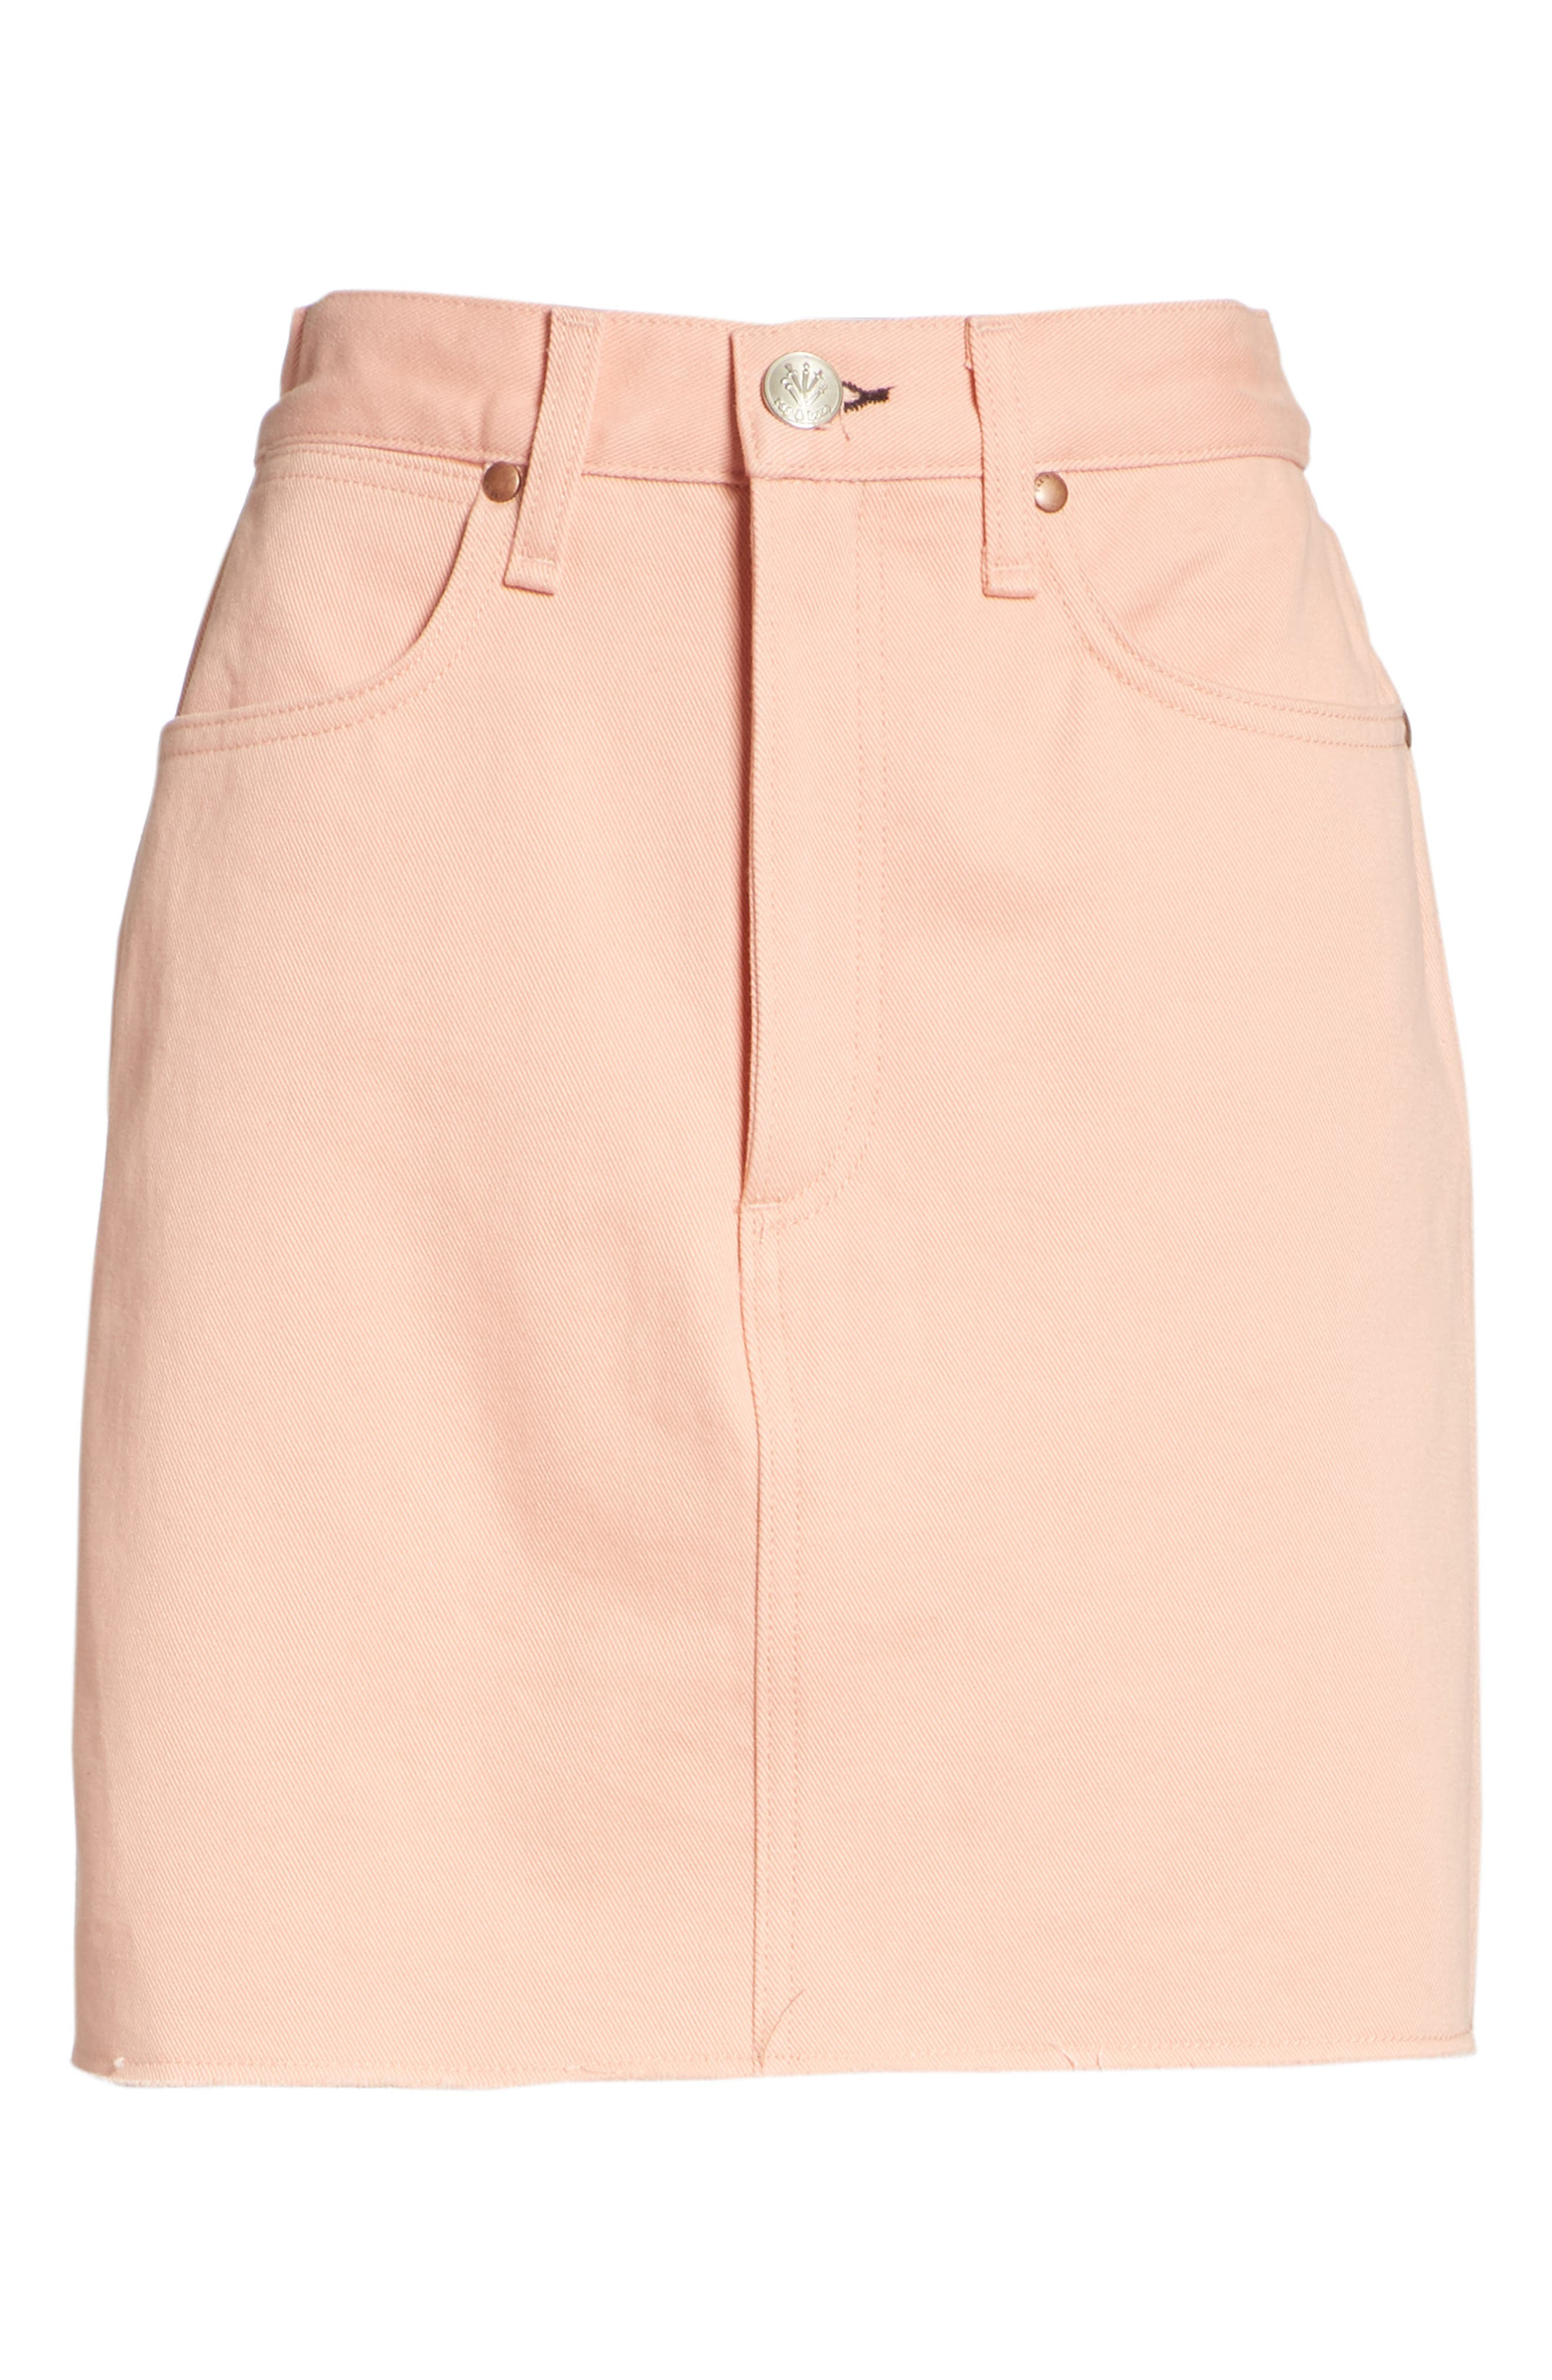 Moss Skirt,                             Alternate thumbnail 6, color,                             950